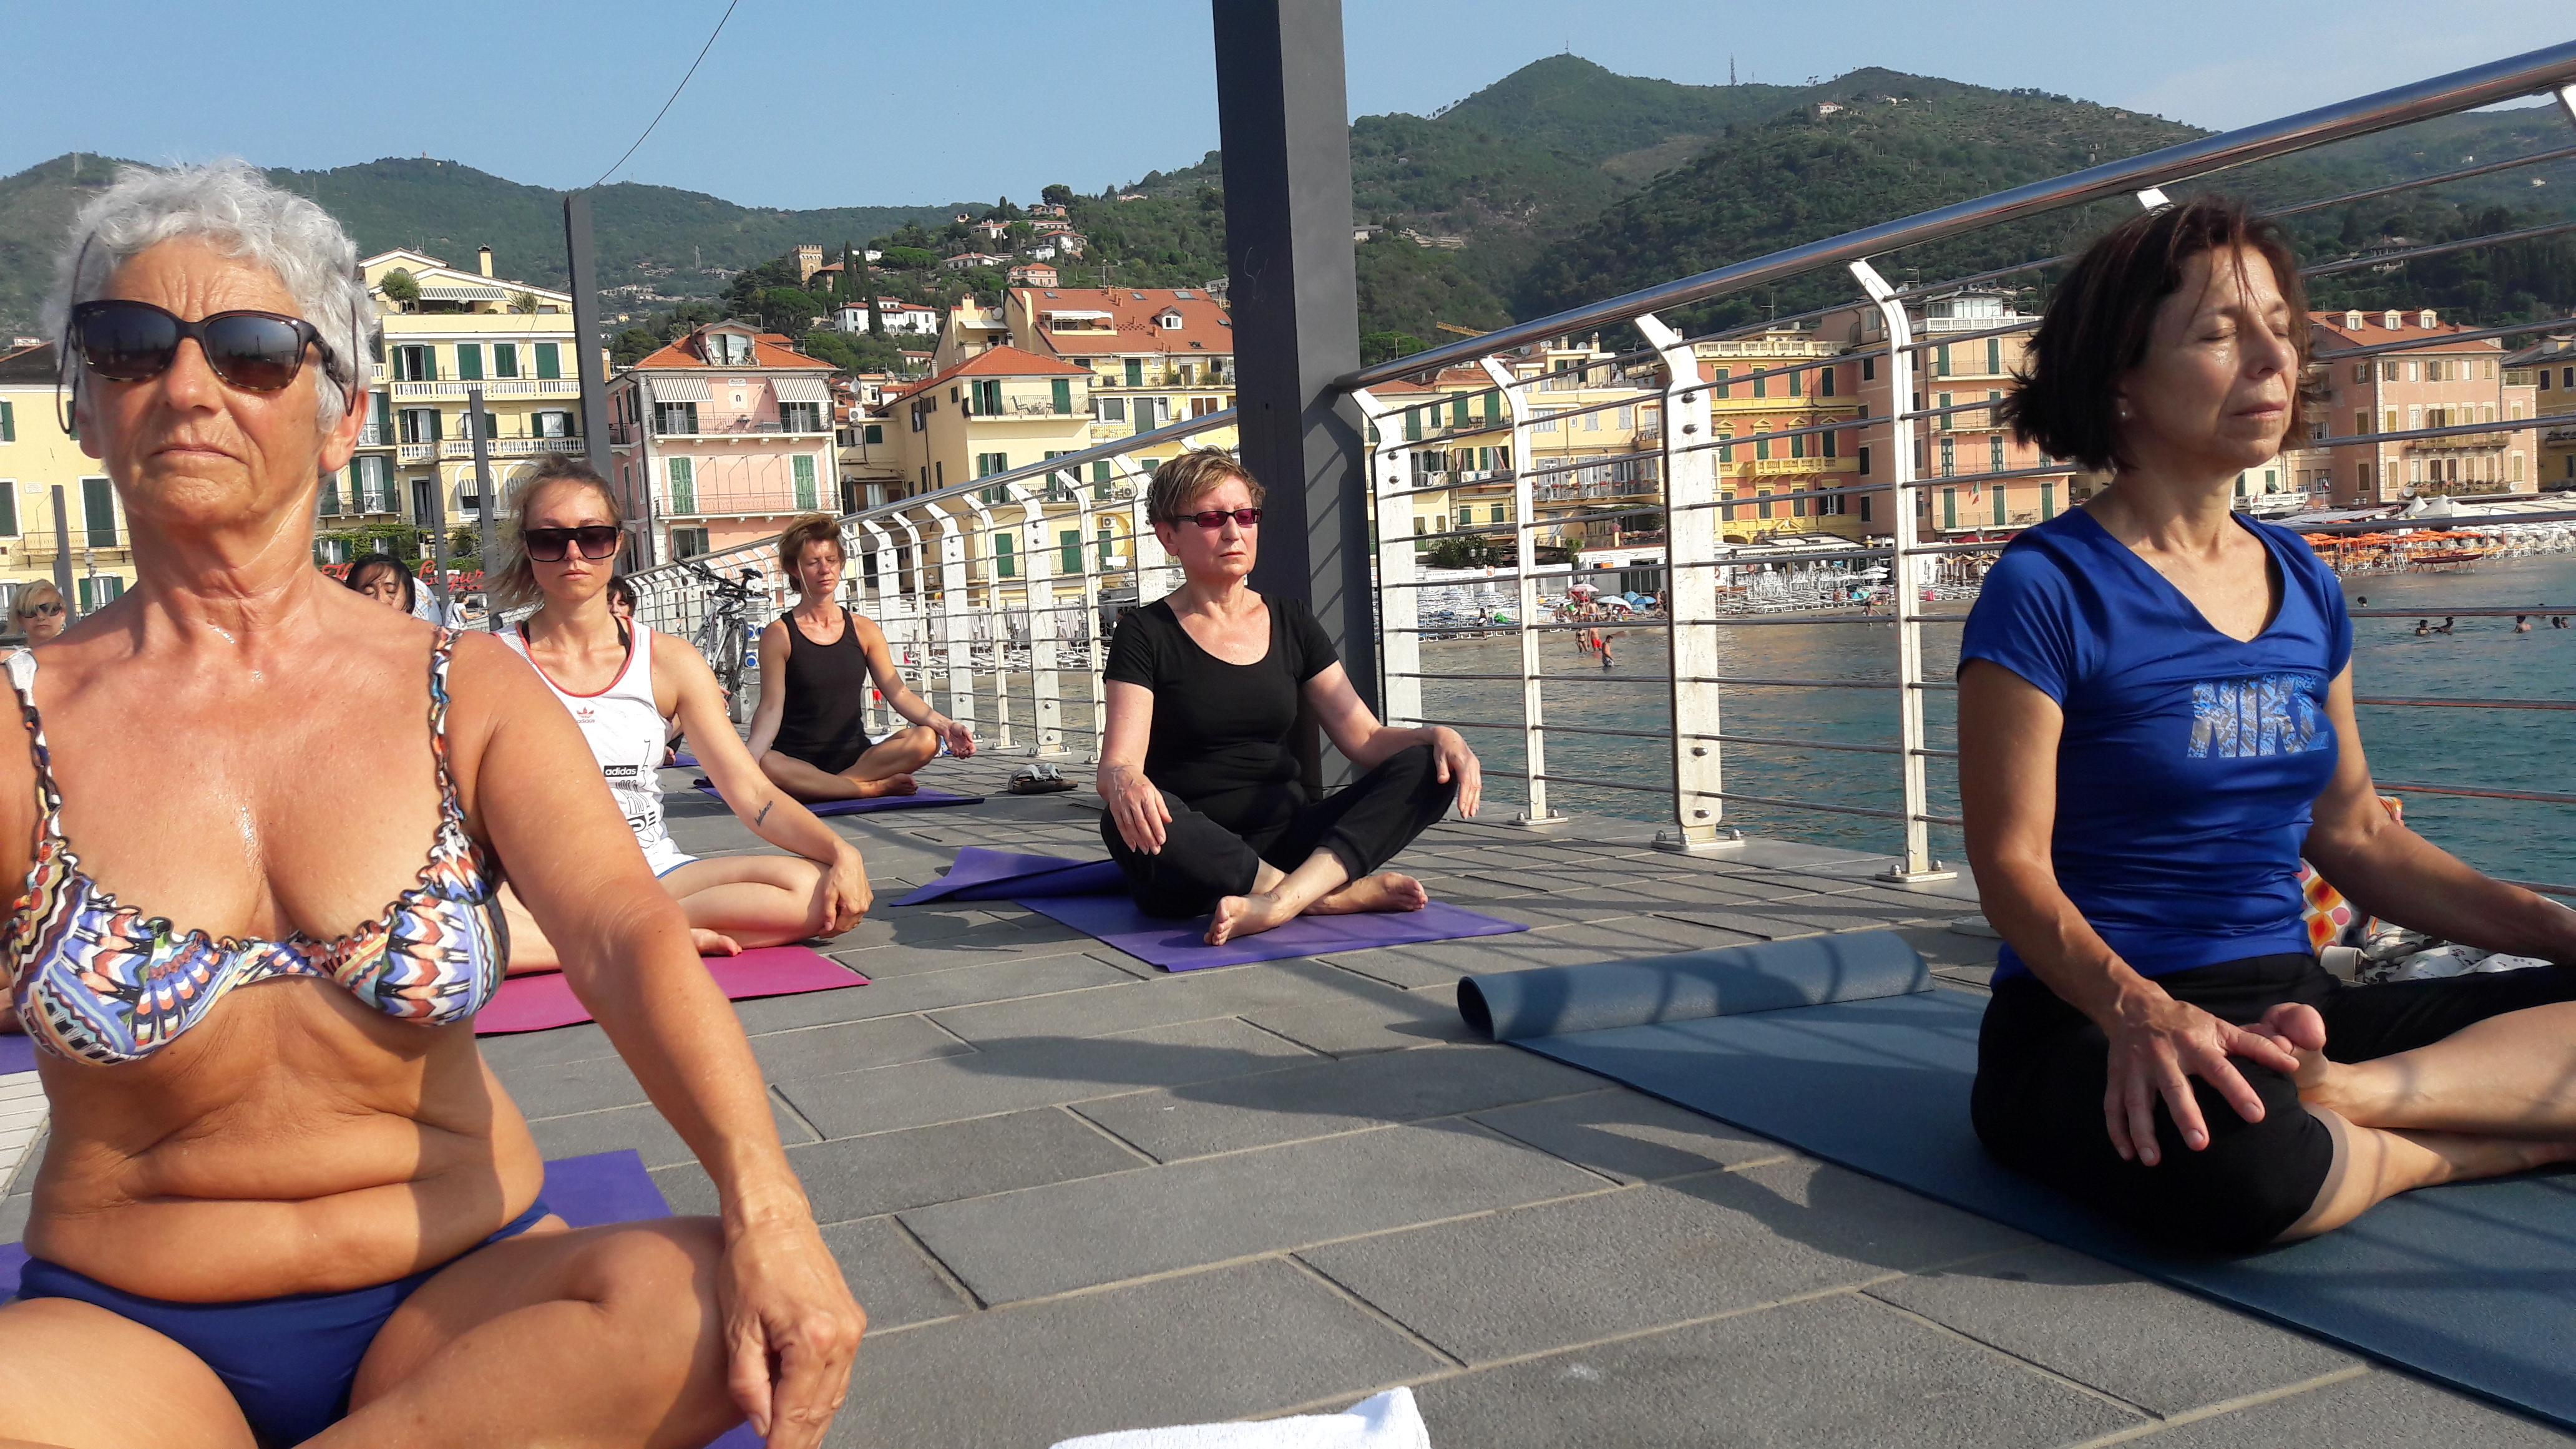 1_essere-free-yoga-gratuito-benessere-per-tutti-village-citta-alassio-estate-lucia-ragazzi-summer-town-wellness-038